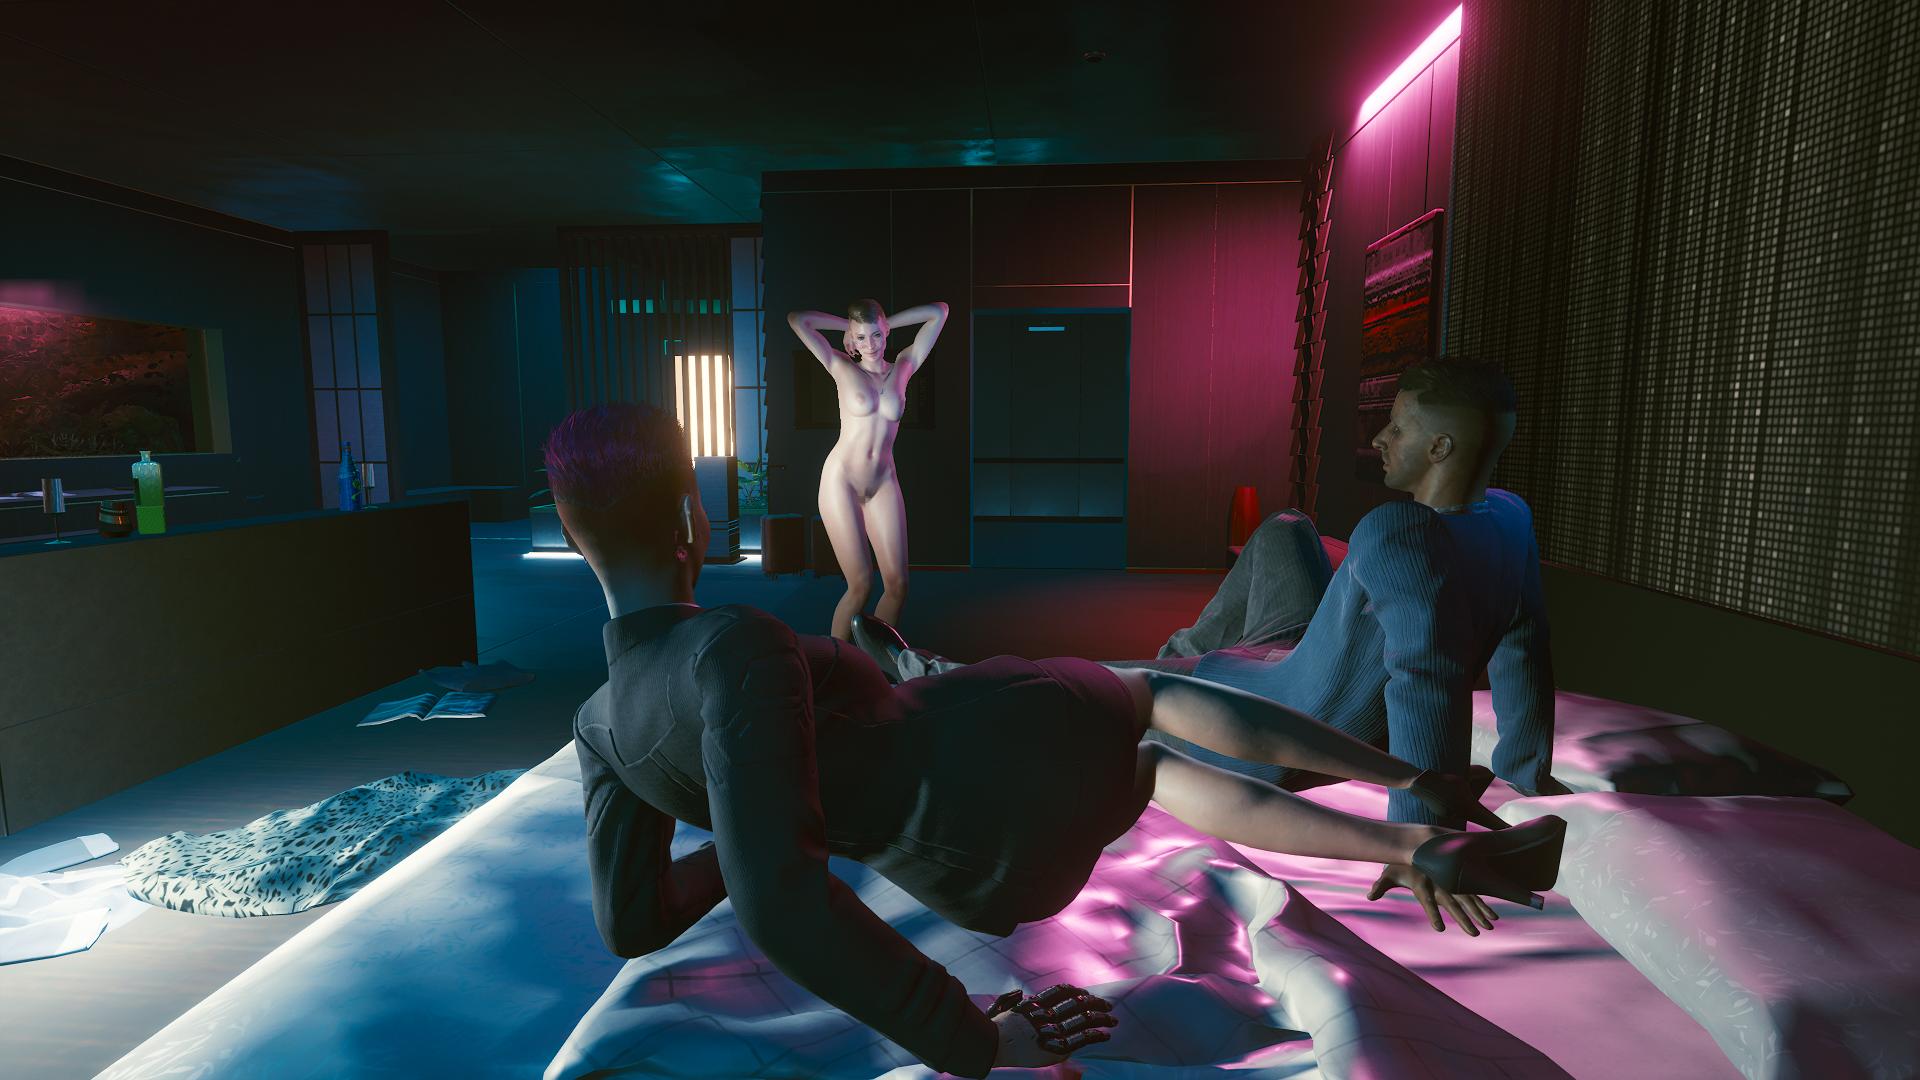 Приватный танец обновлённой Сандры.